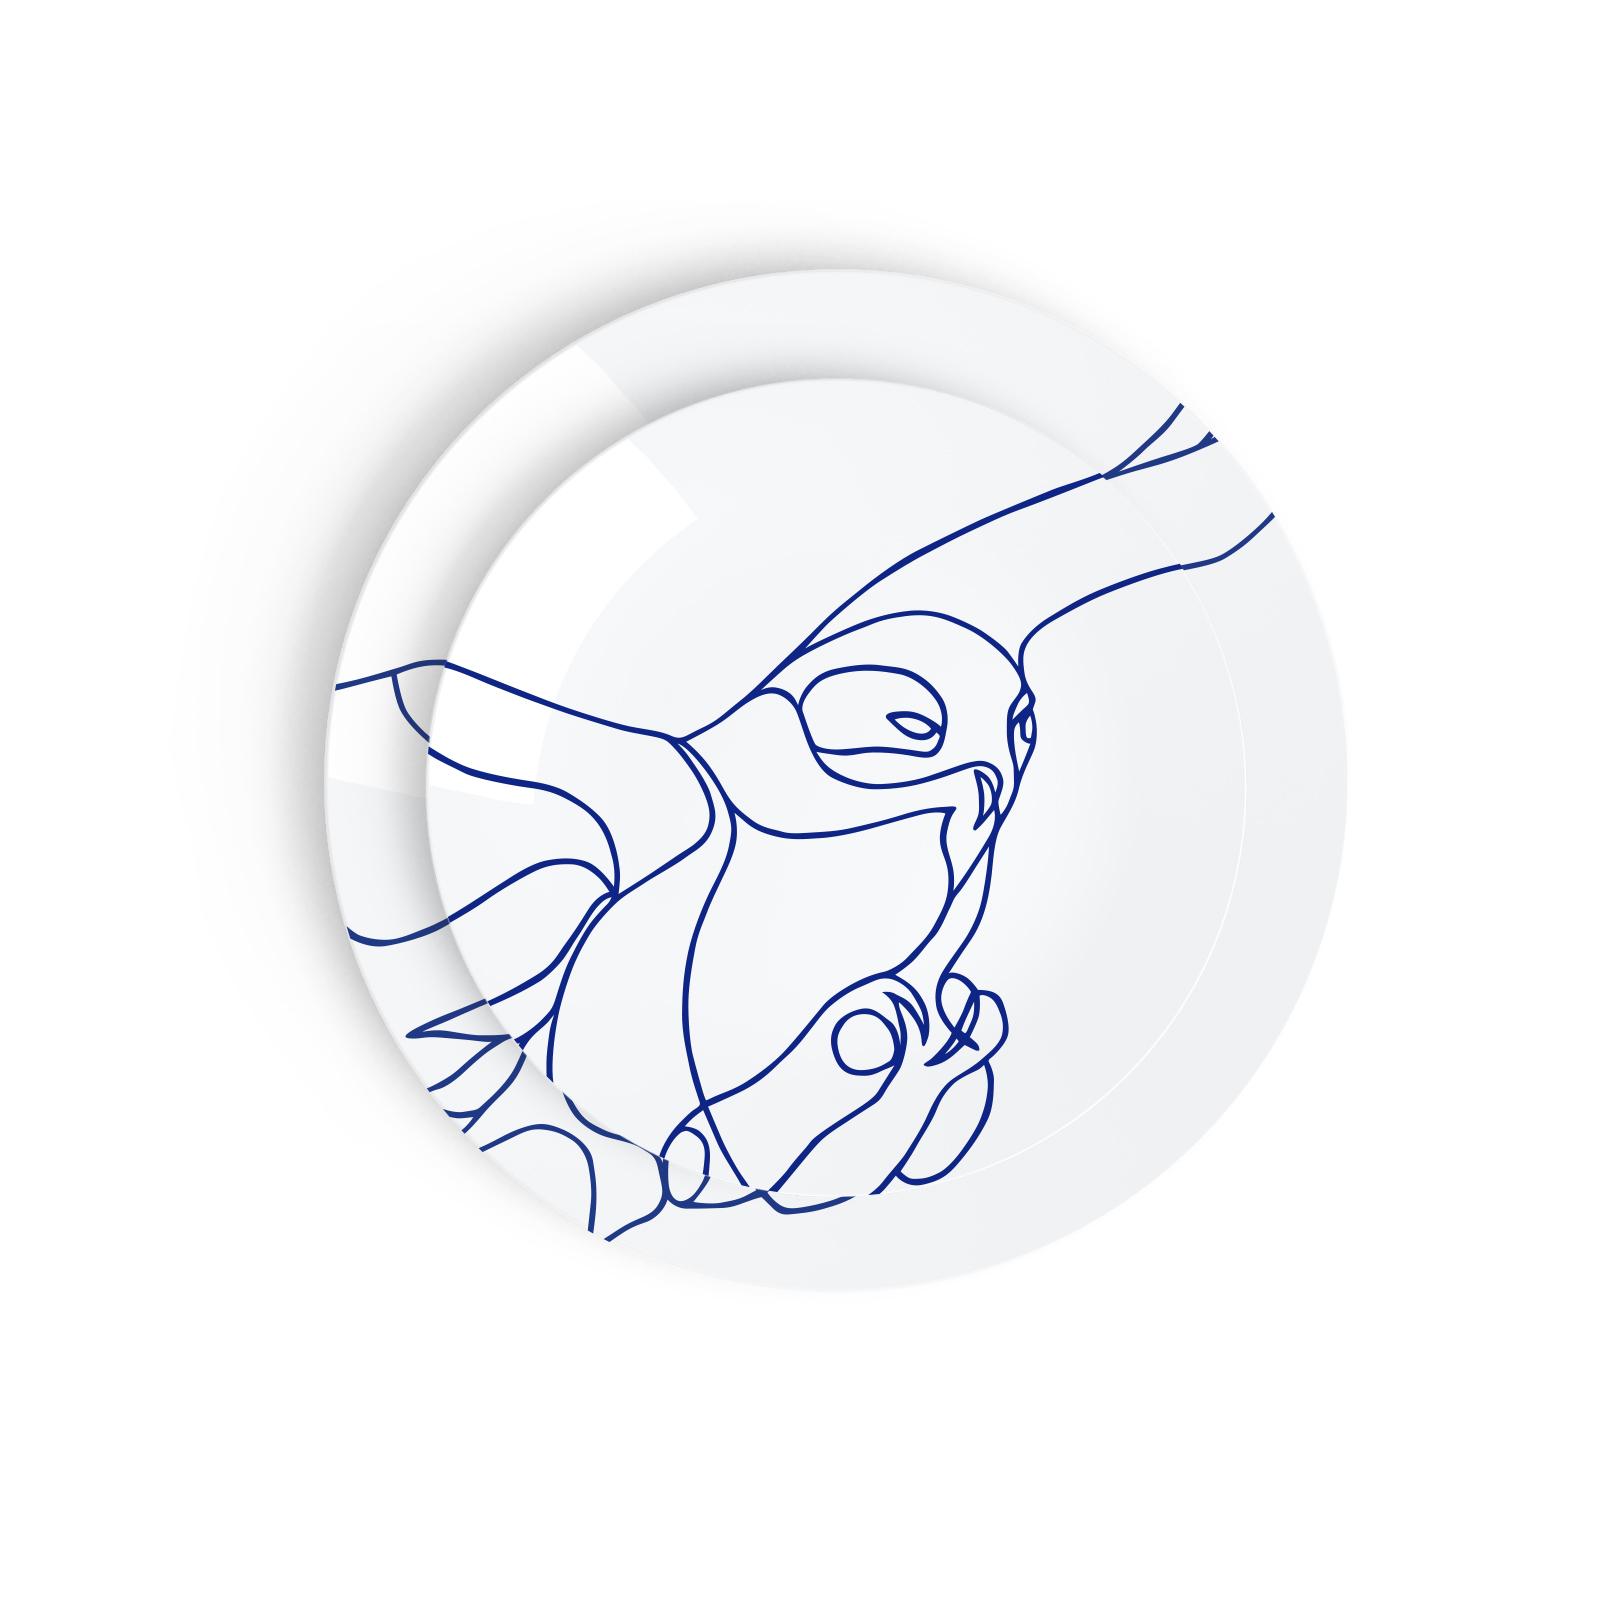 Tes Ted Artic Beasts Artic Owl - Esprit Porcelaine, Porcelaine De Limoges